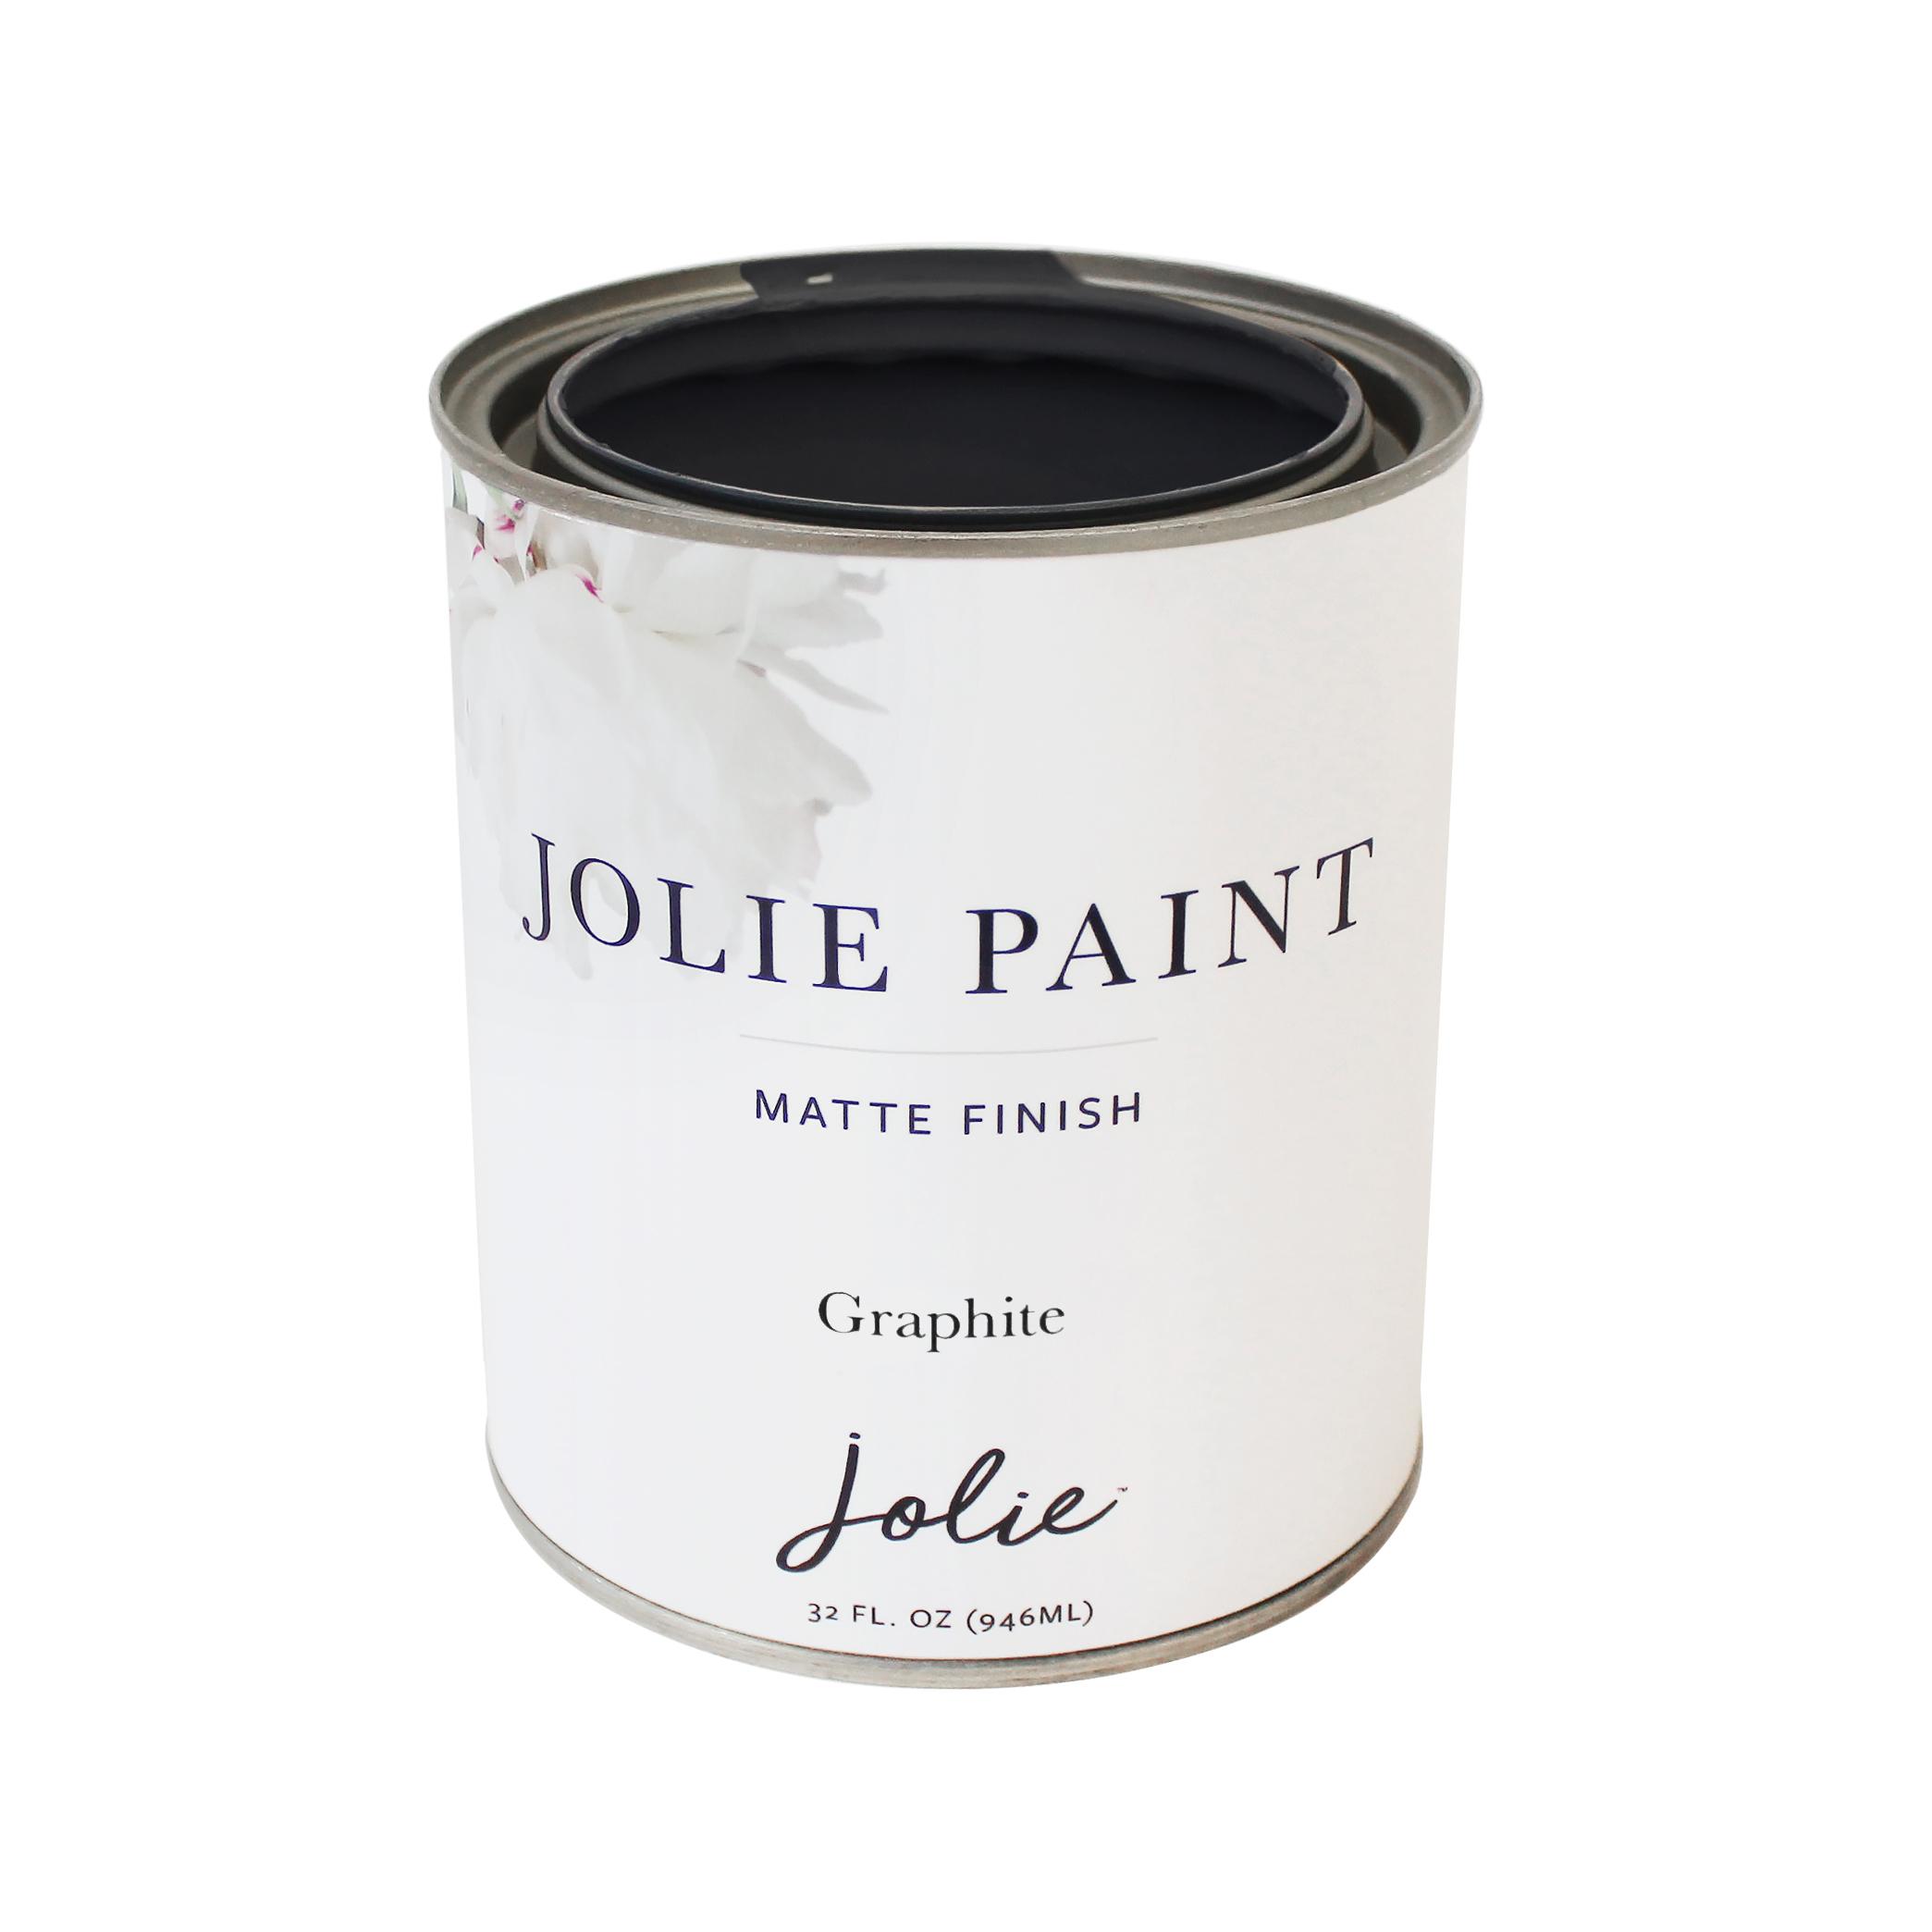 Graphite - Jolie Paint